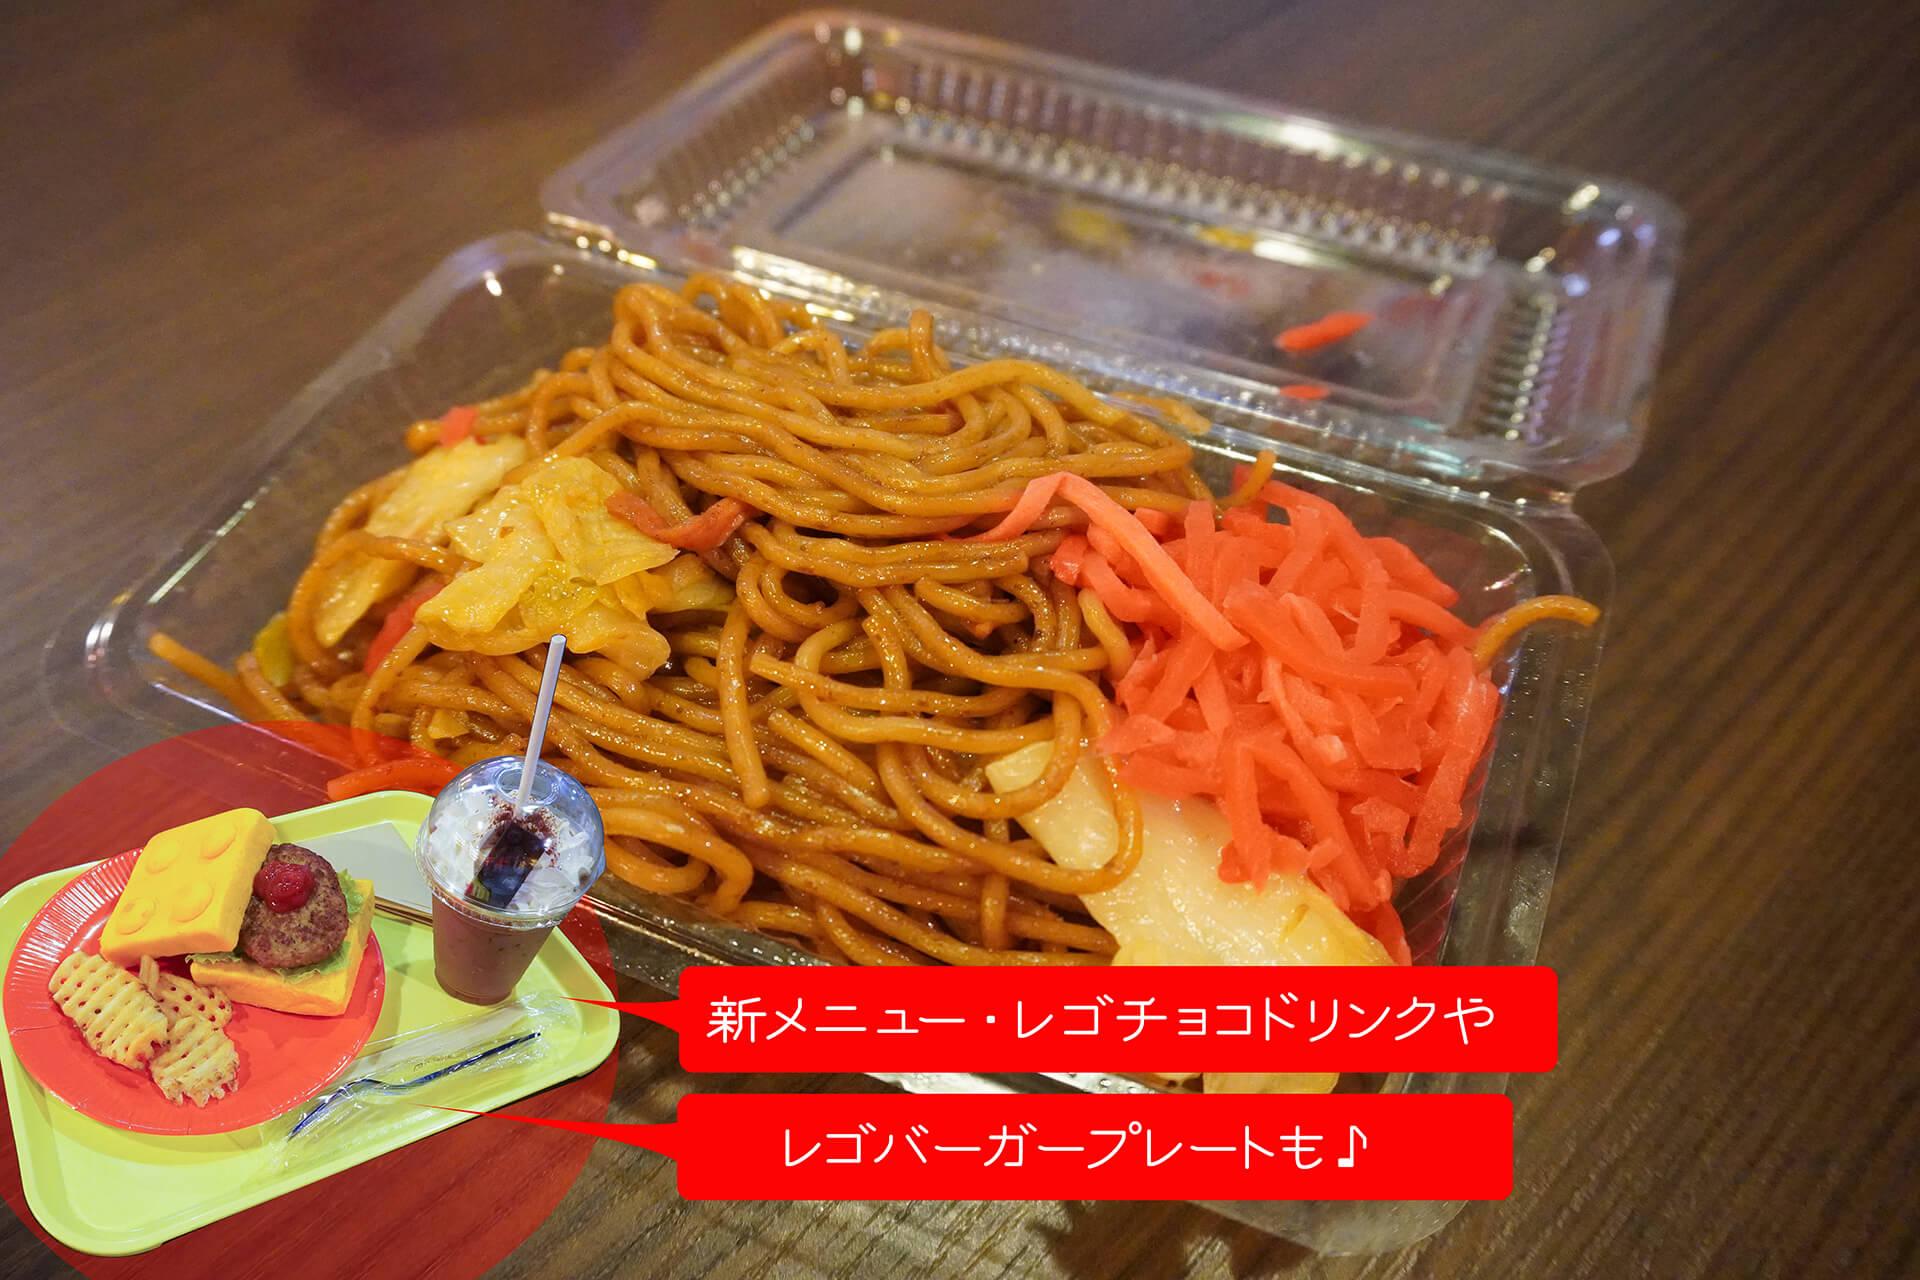 この写真は、レゴニンジャゴー夏祭りで販売される焼き蕎麦